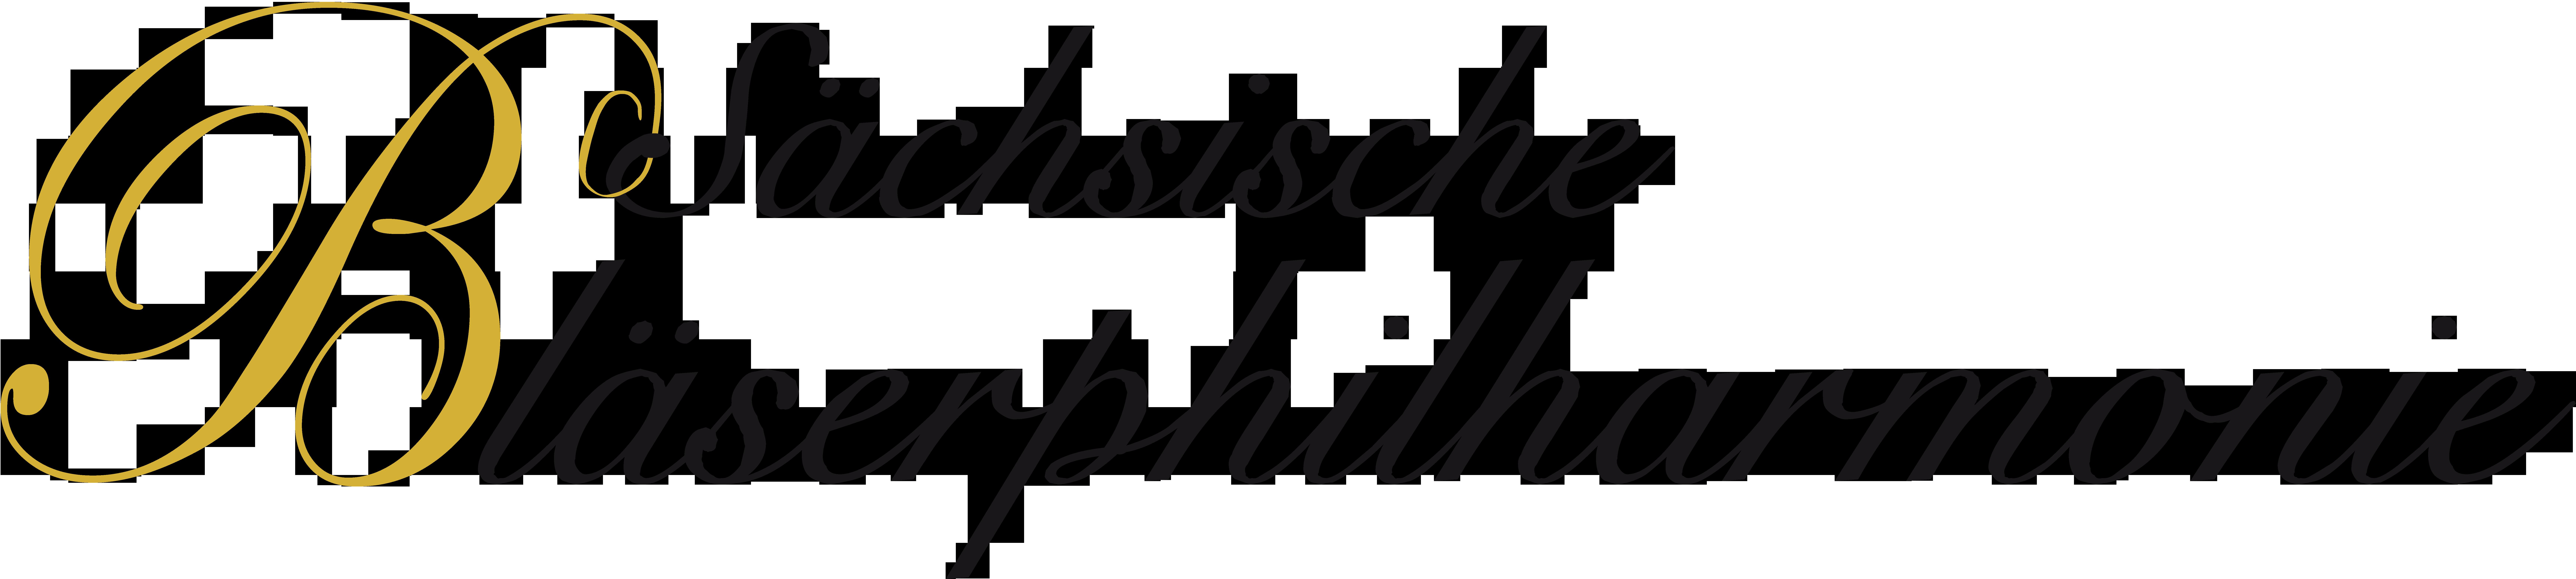 Saechsische Blaeserphilharmonie